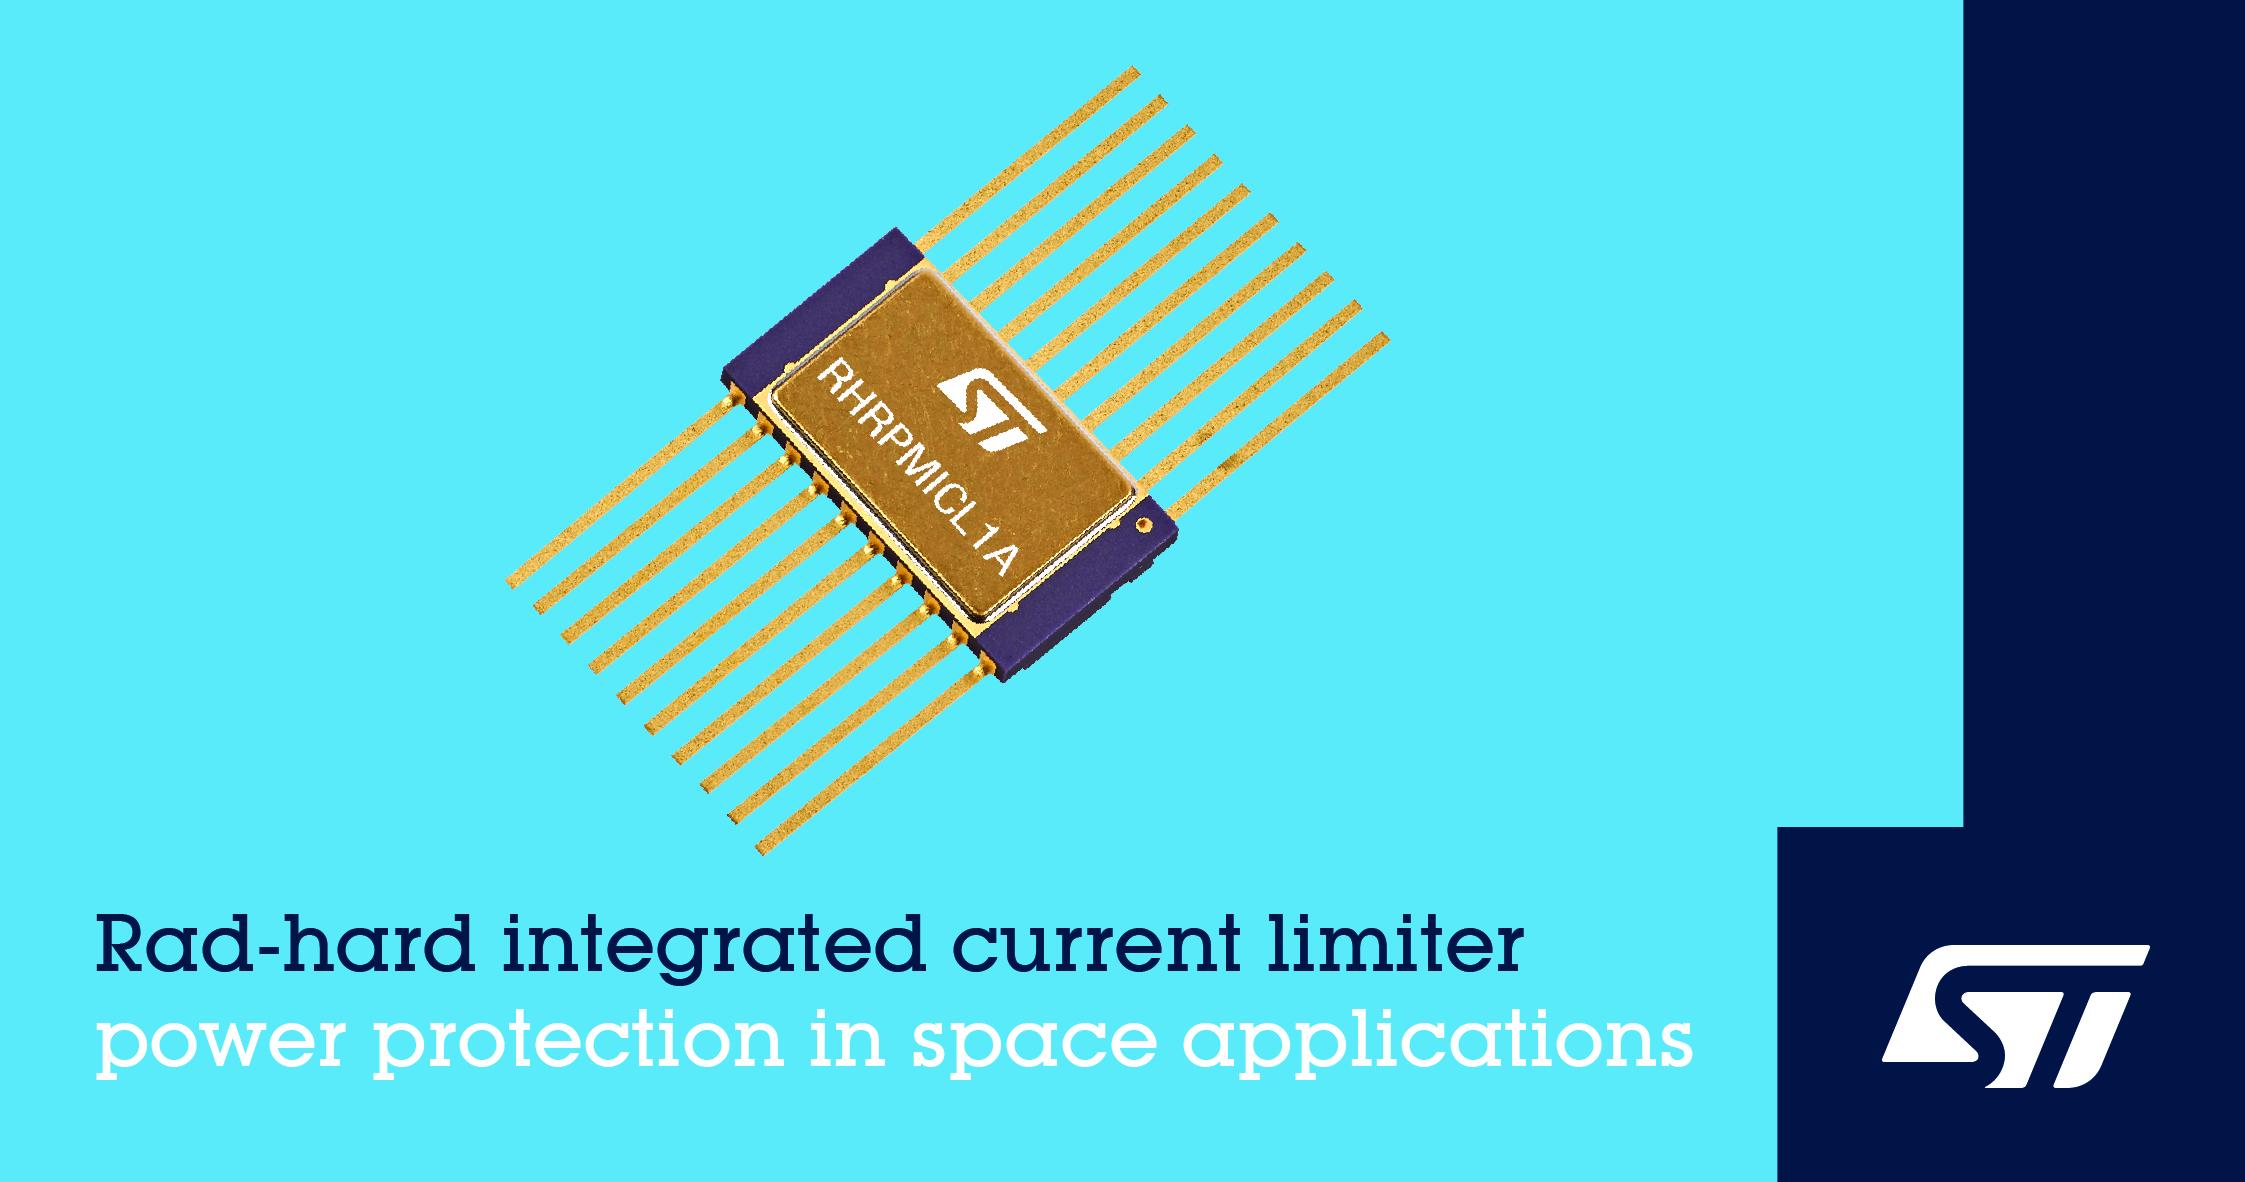 意法半导体推出首款航天级可配置集成限流器